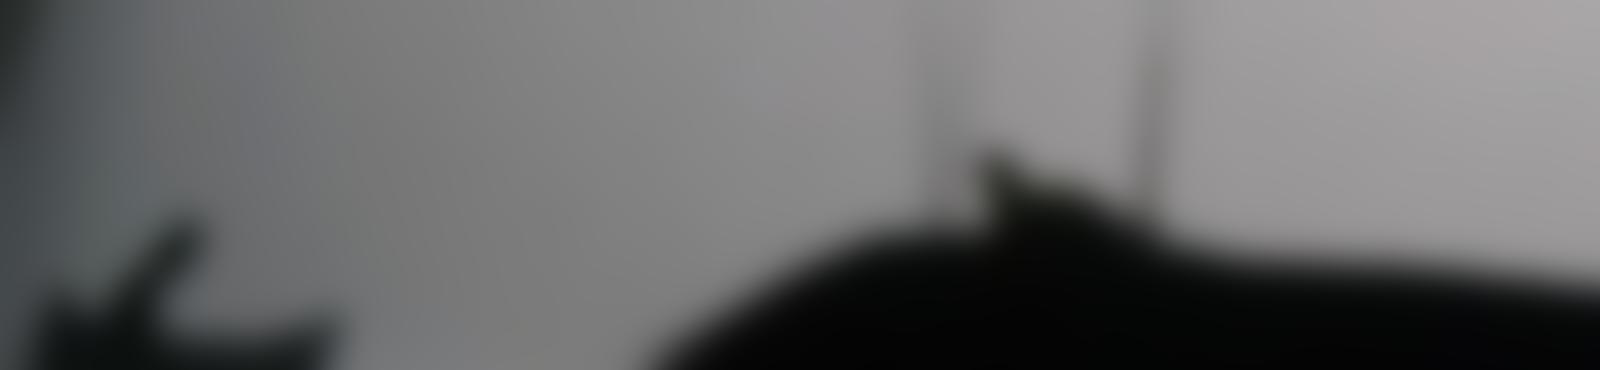 Blurred 4e94b8f0 967e 4fd3 96d6 971bf8ca61a3